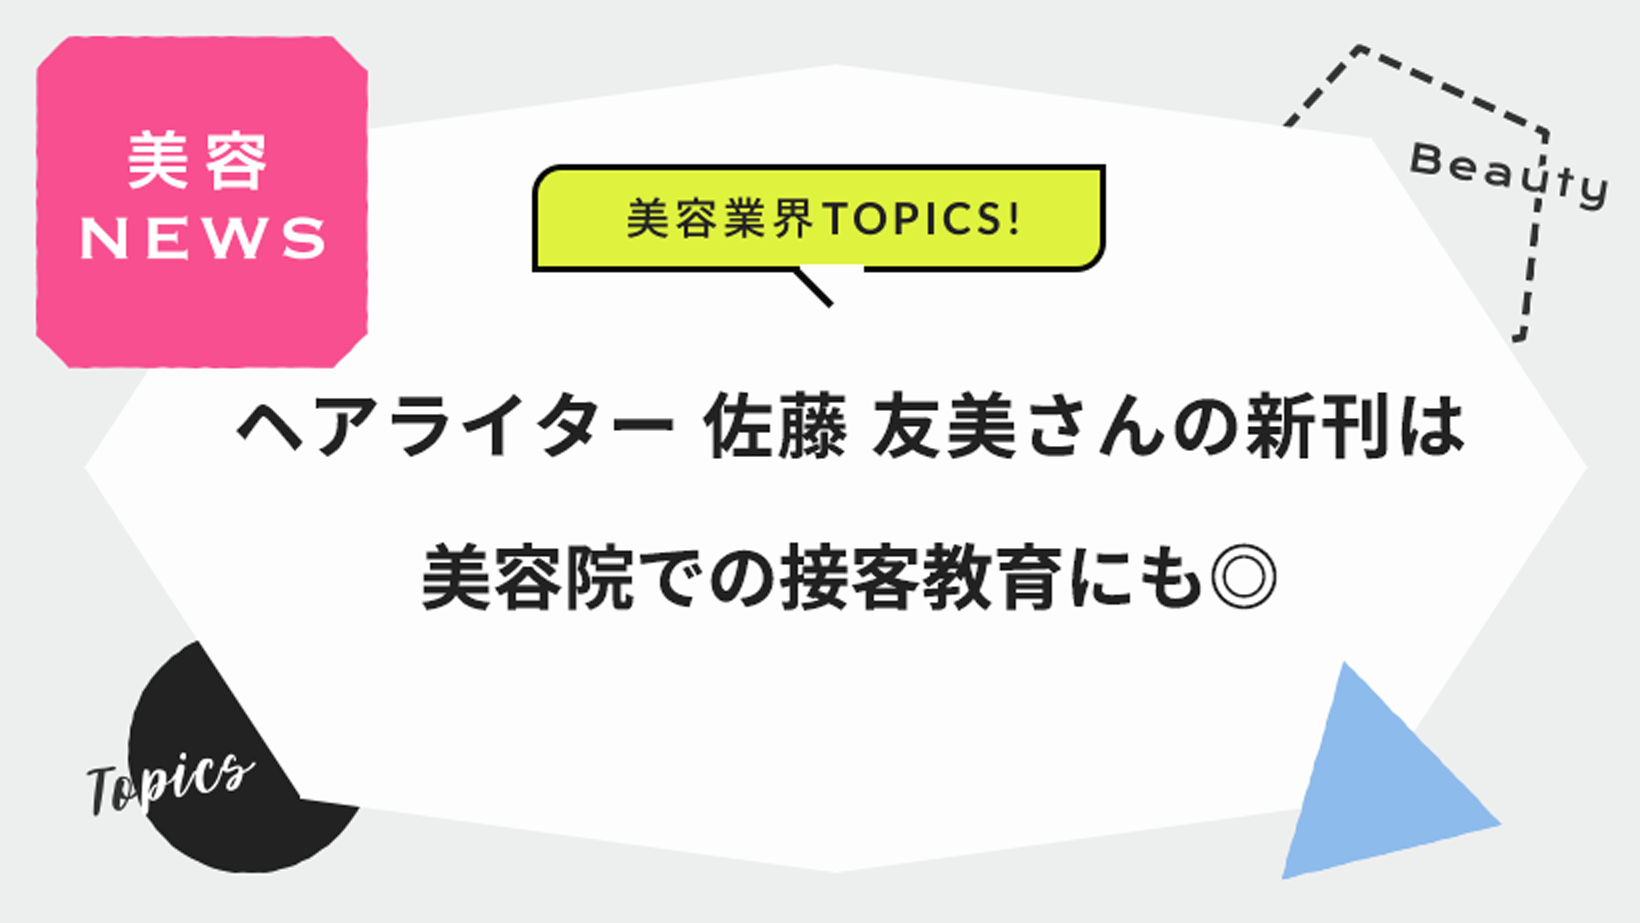 ヘアライター 佐藤 友美さんの新刊は、美容院での接客教育にも◎